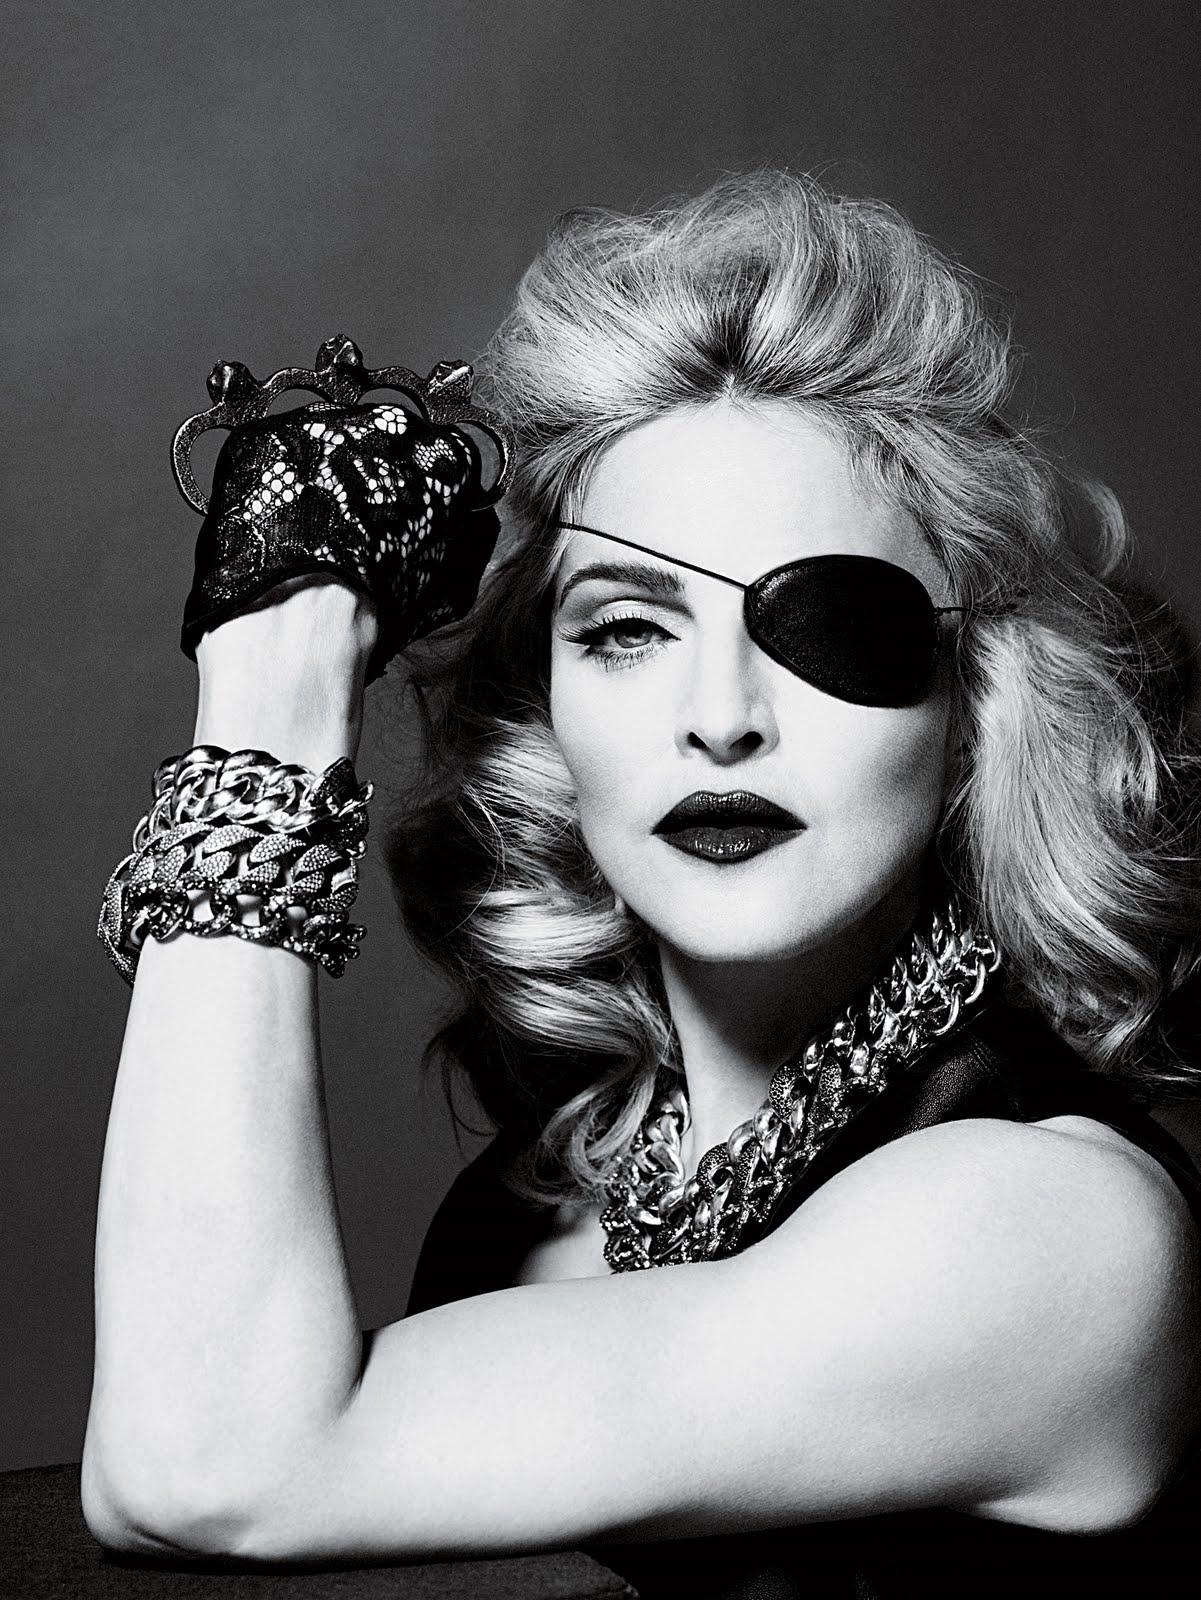 http://2.bp.blogspot.com/_ez6mXXRN_sc/S992_TEDrCI/AAAAAAAABUQ/MvwYqNMVq5k/s1600/2010+-+Madonna+by+Alas+%26+Piggott+for+Interview+-+14.jpg